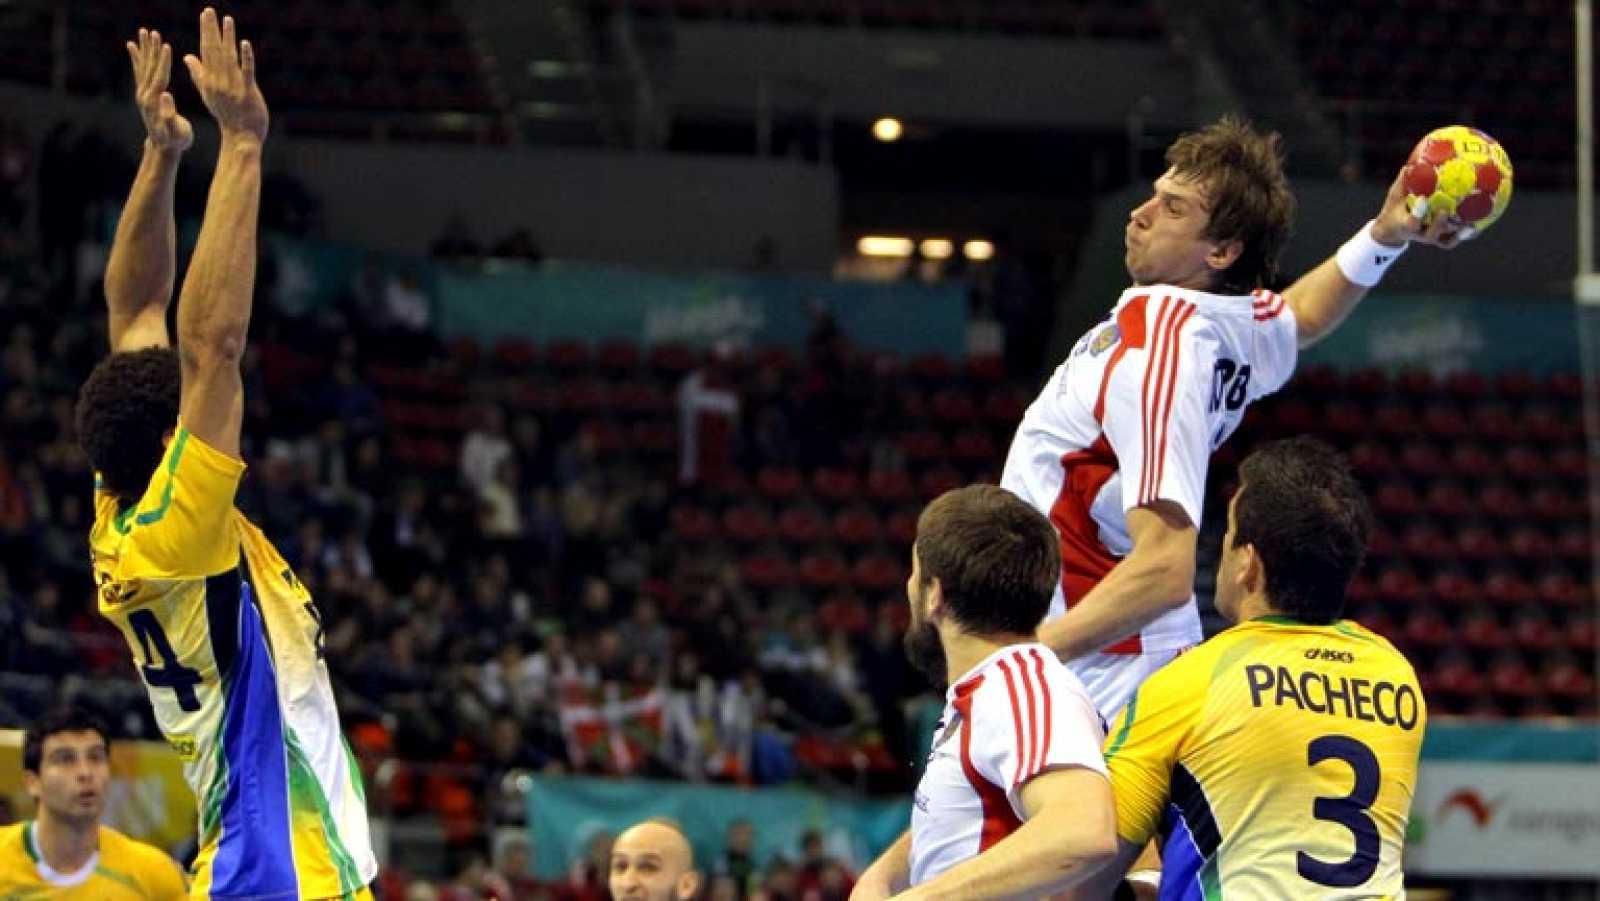 Mundial de Balonmano - 1/8 de final: Rusia - Brasil